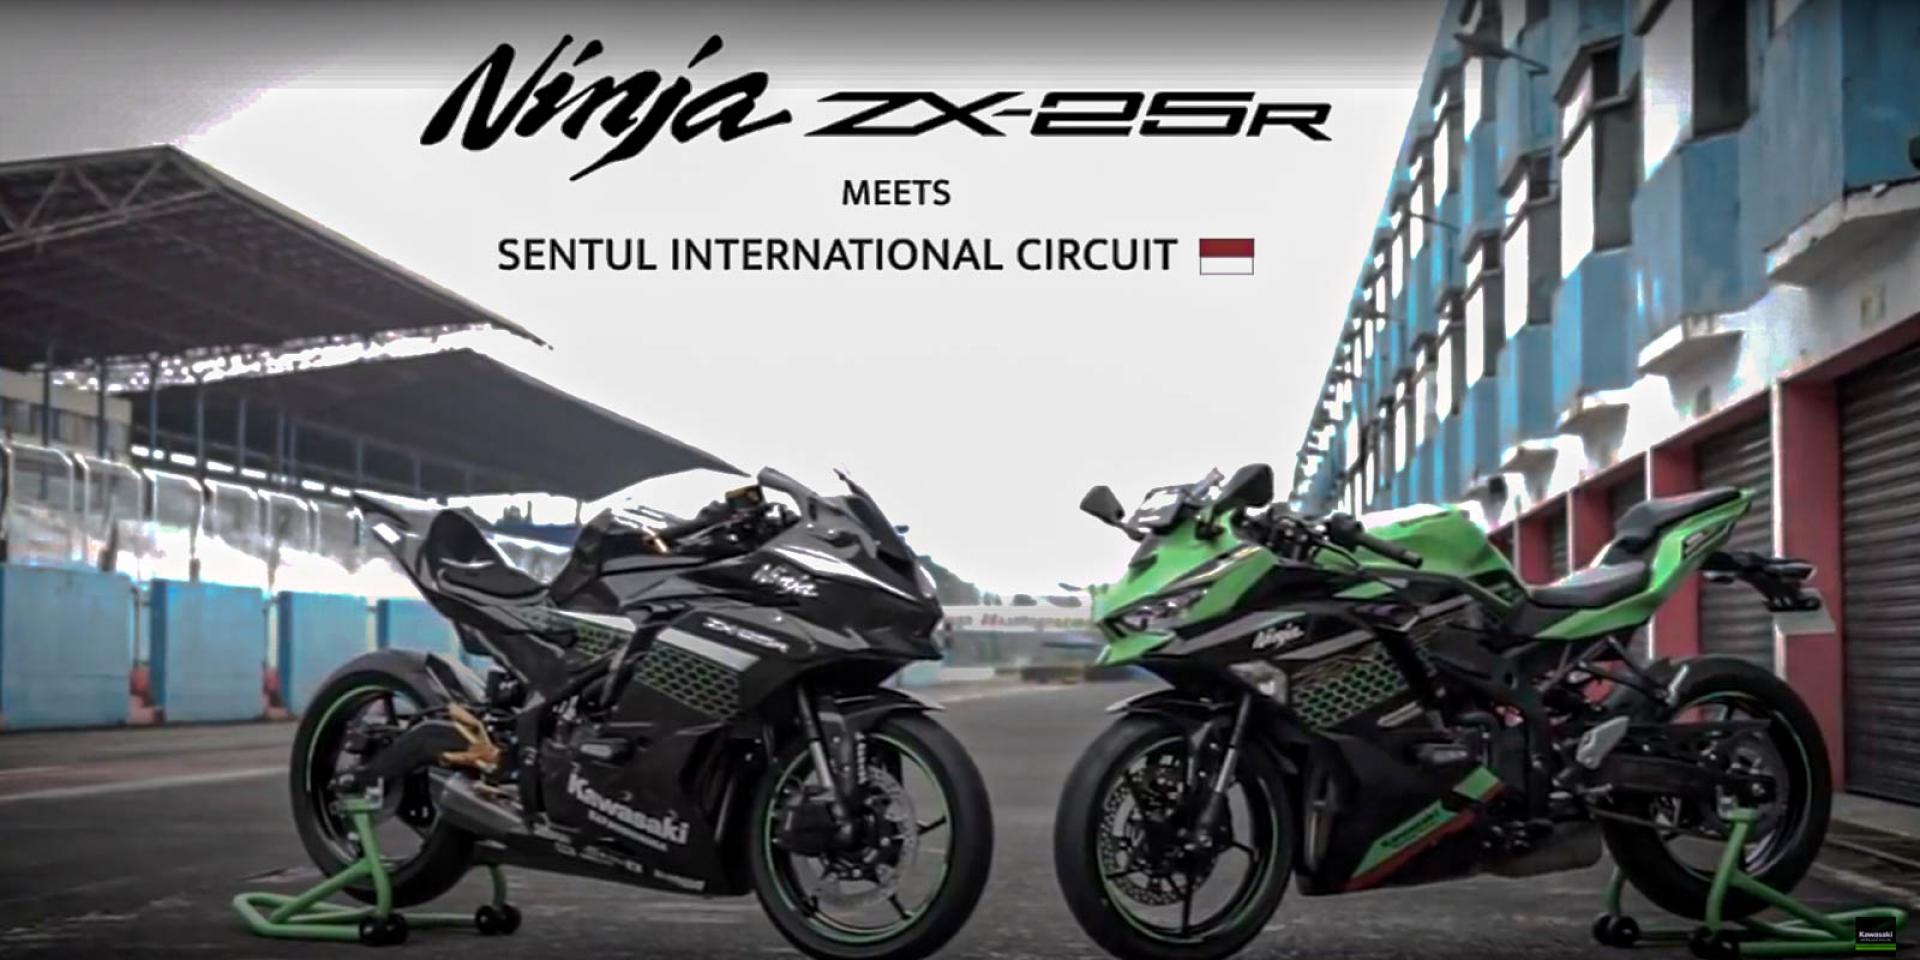 四缸250準備降臨!KAWASAKI Ninja ZX-25R 7月10日舉辦線上發表